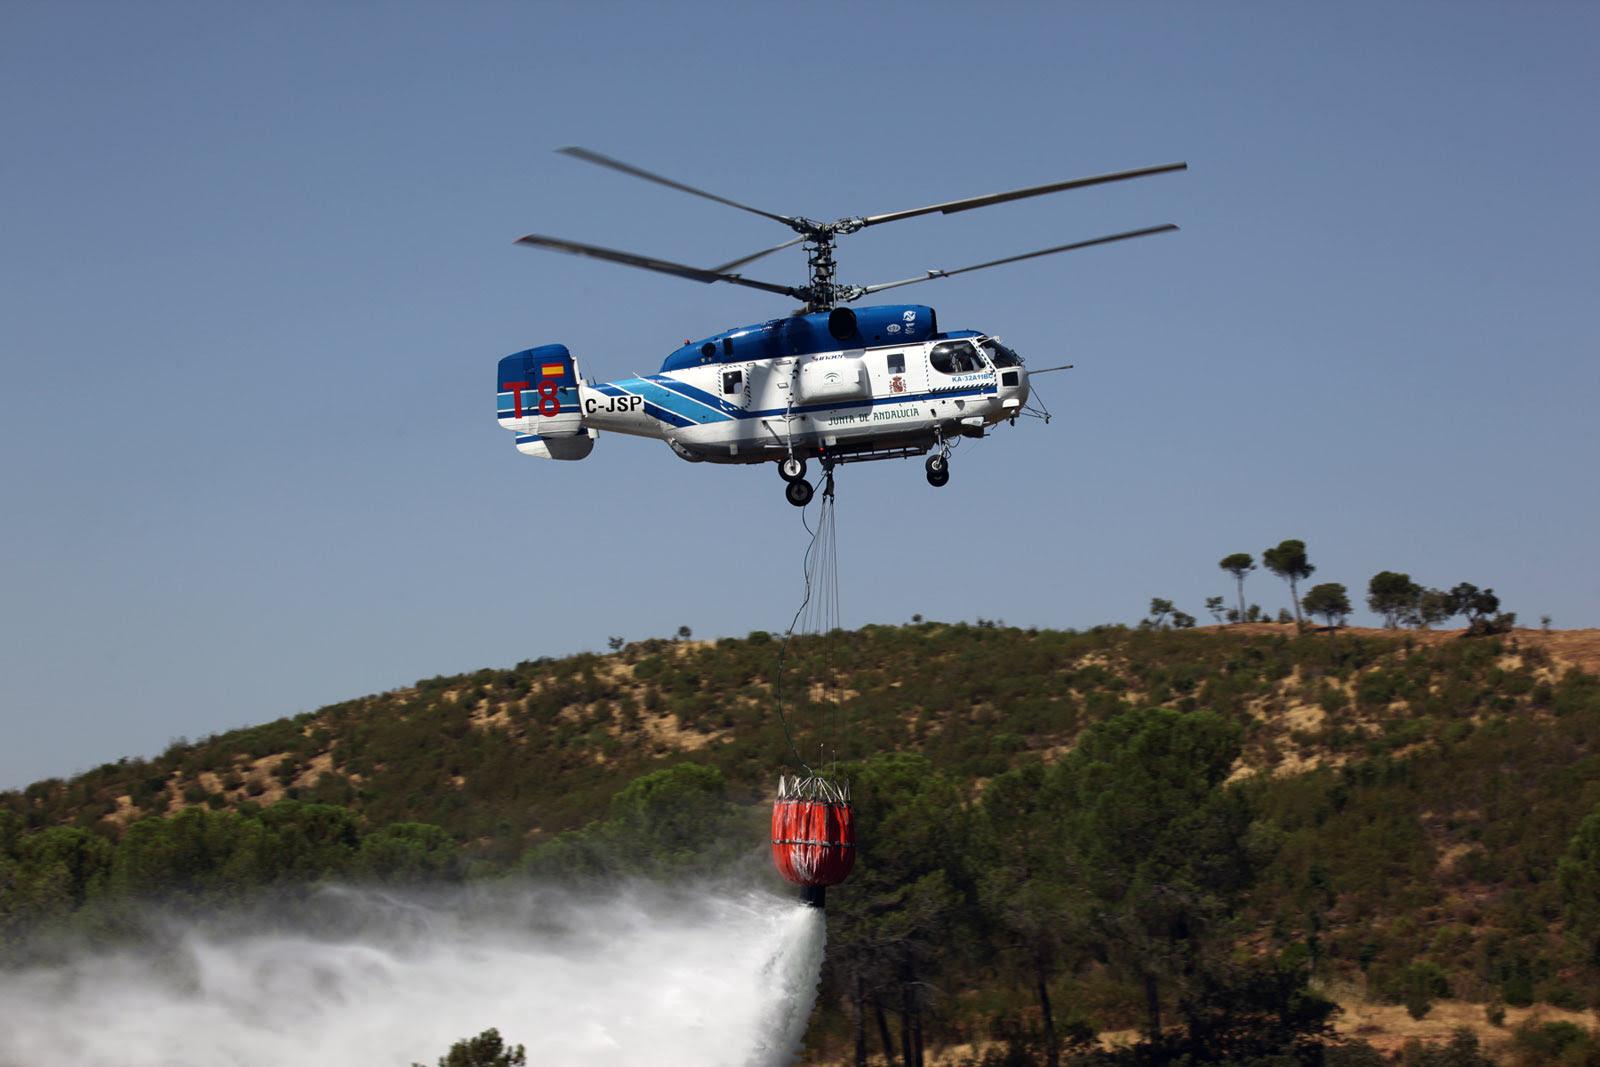 Resultado de imagen para helicoptero kamov incendios